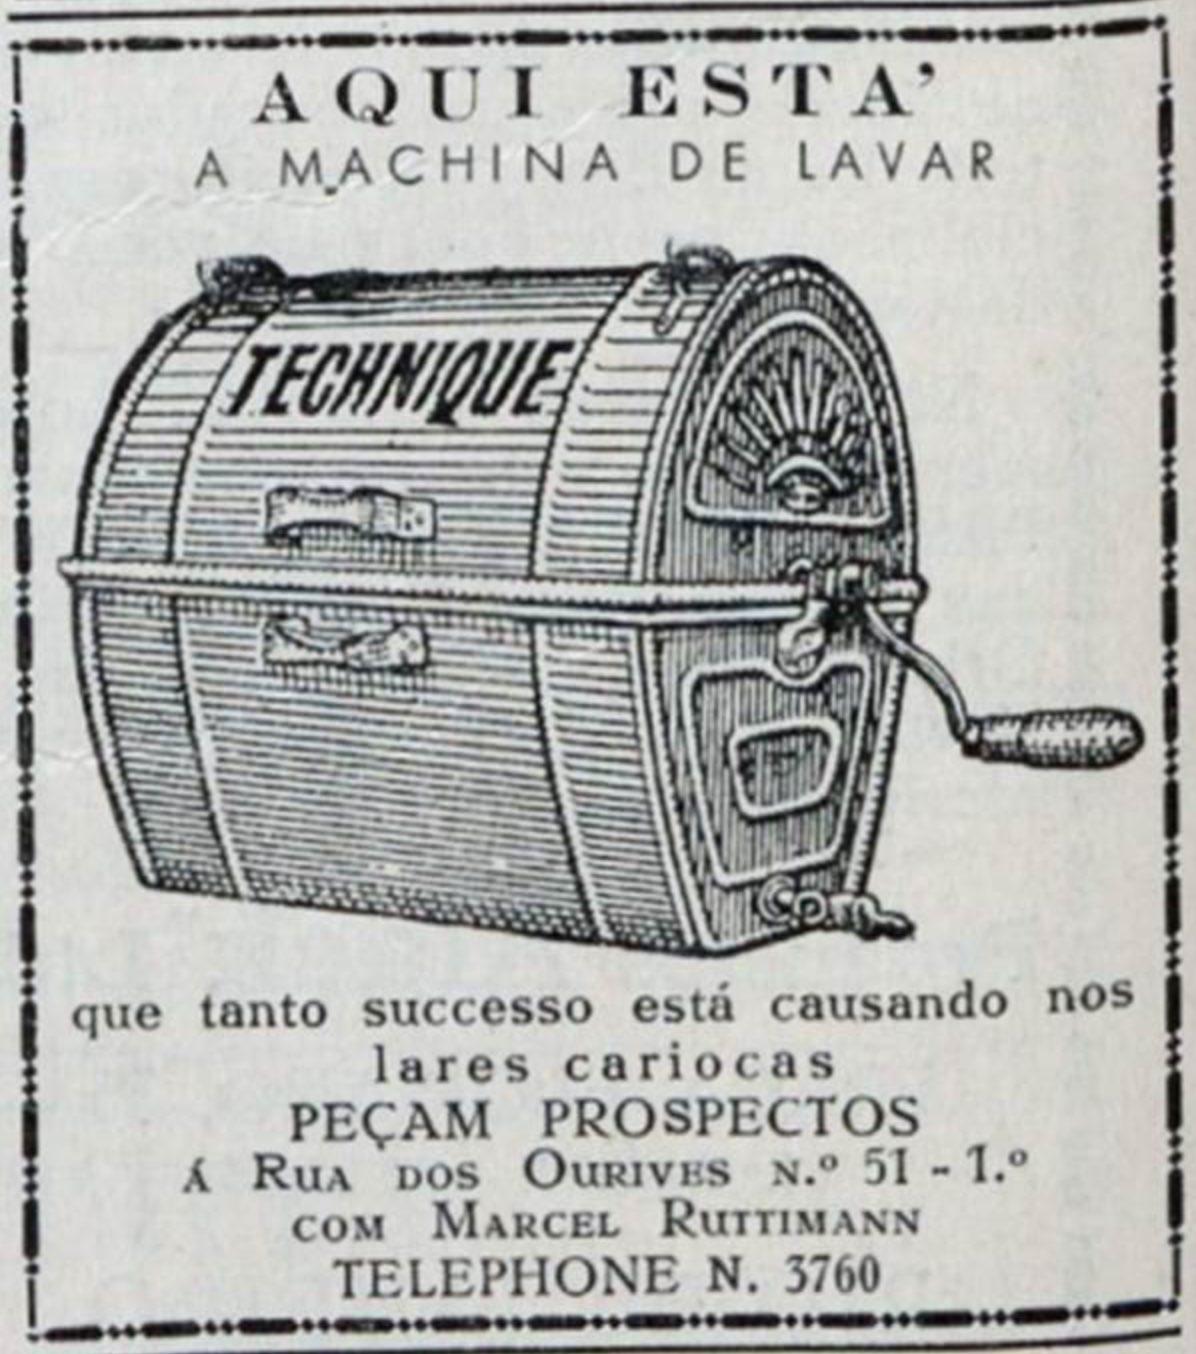 Anúncio veiculado em 1929 promovia a máquina de lavar Technique